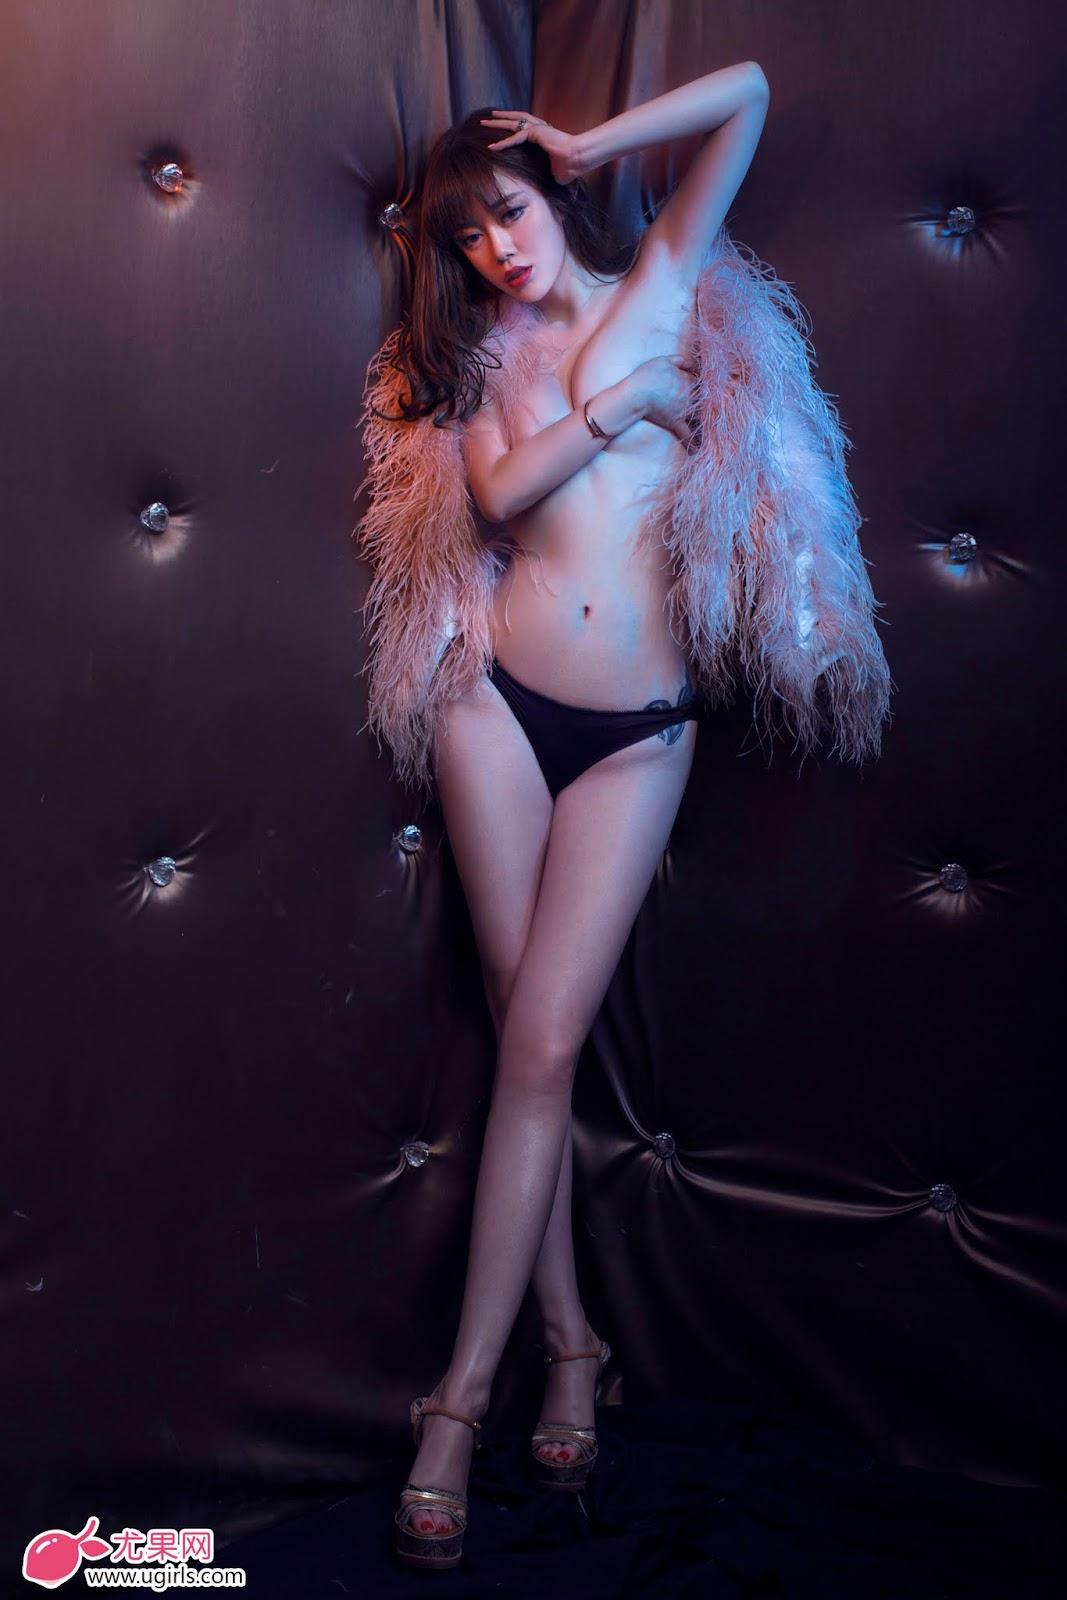 Ugirls No.019 Model: 王轶玲 (Wang Yi Ling)